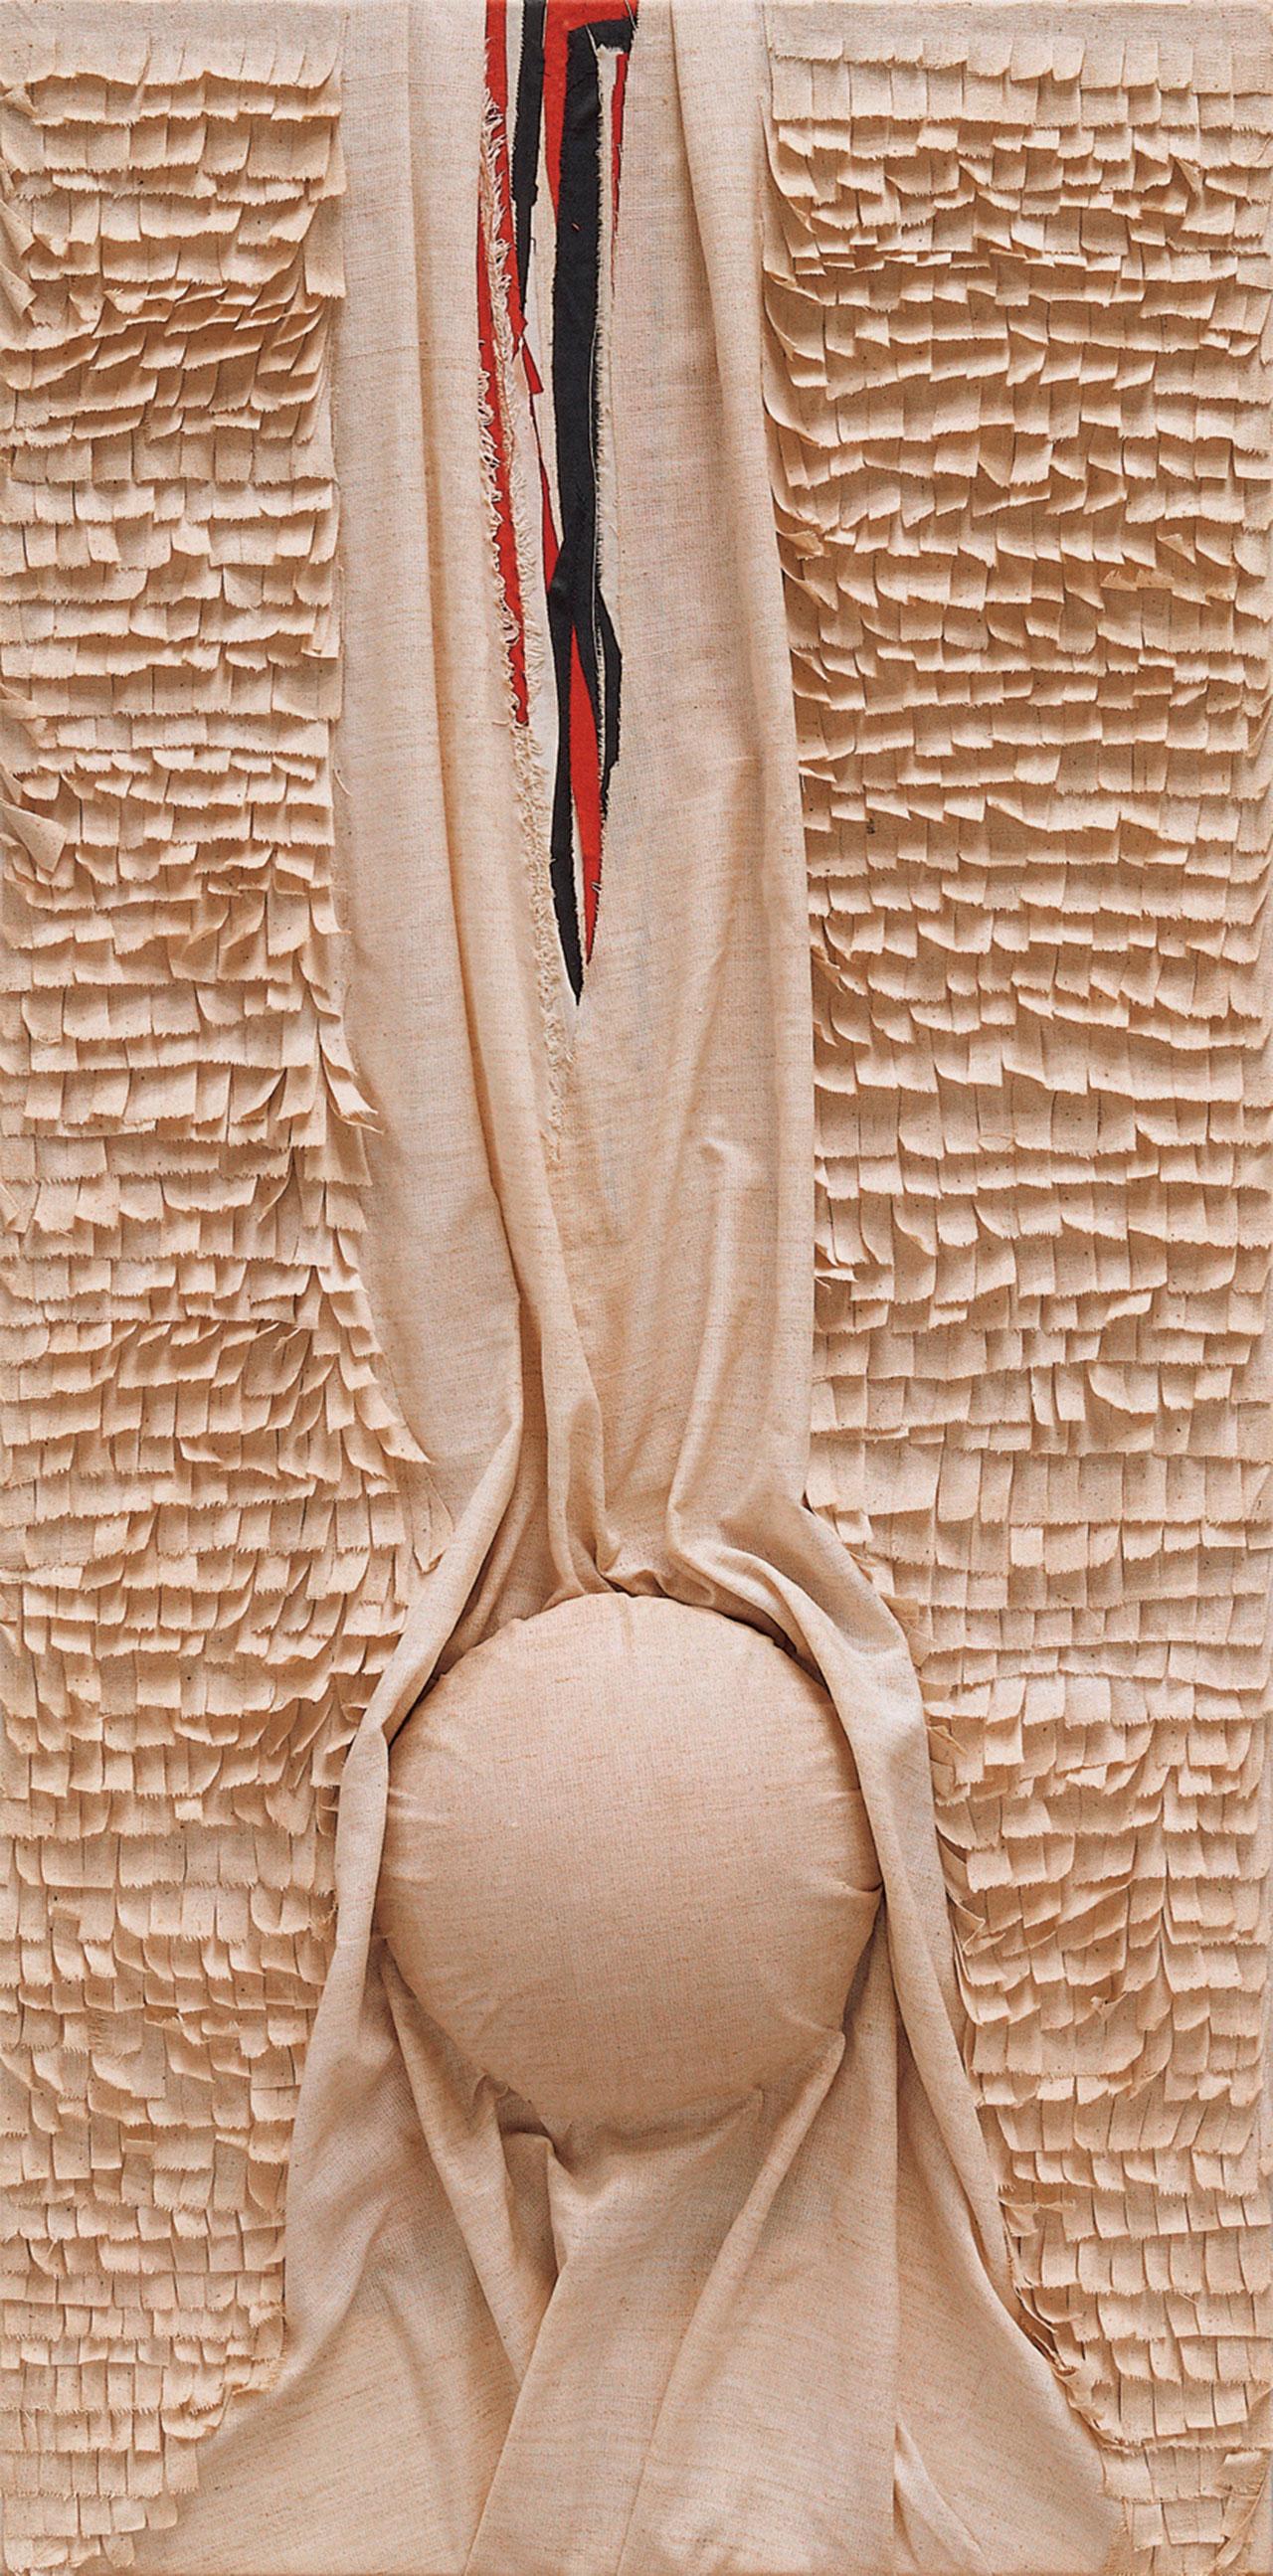 朱為白 突出 綿、麻、樹酯 55.5x133cm